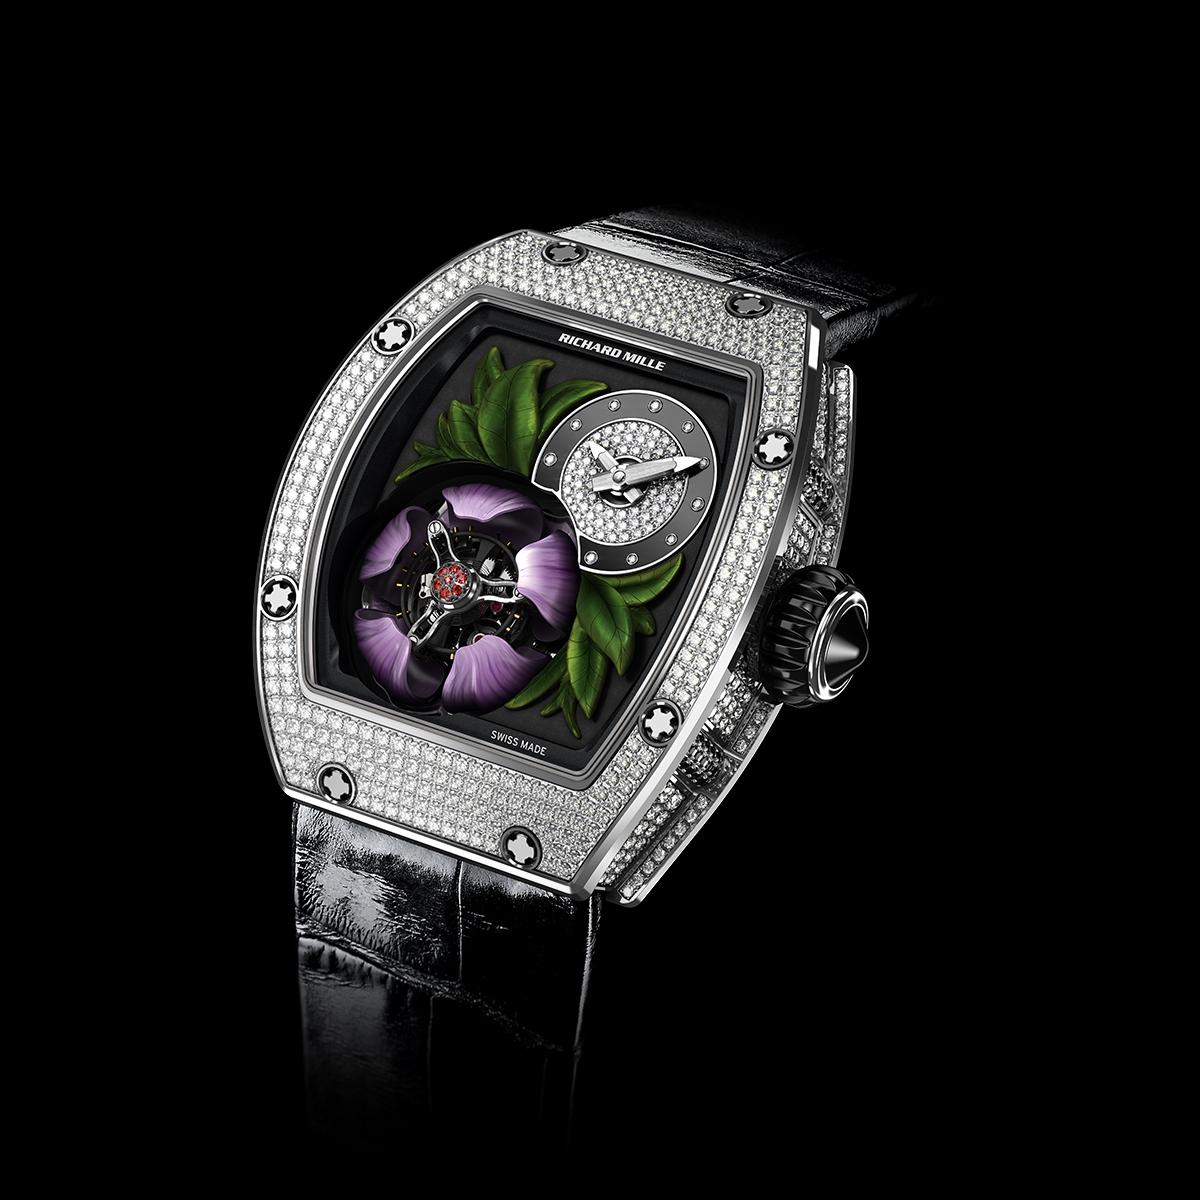 RM19-02_montre-1200x1200